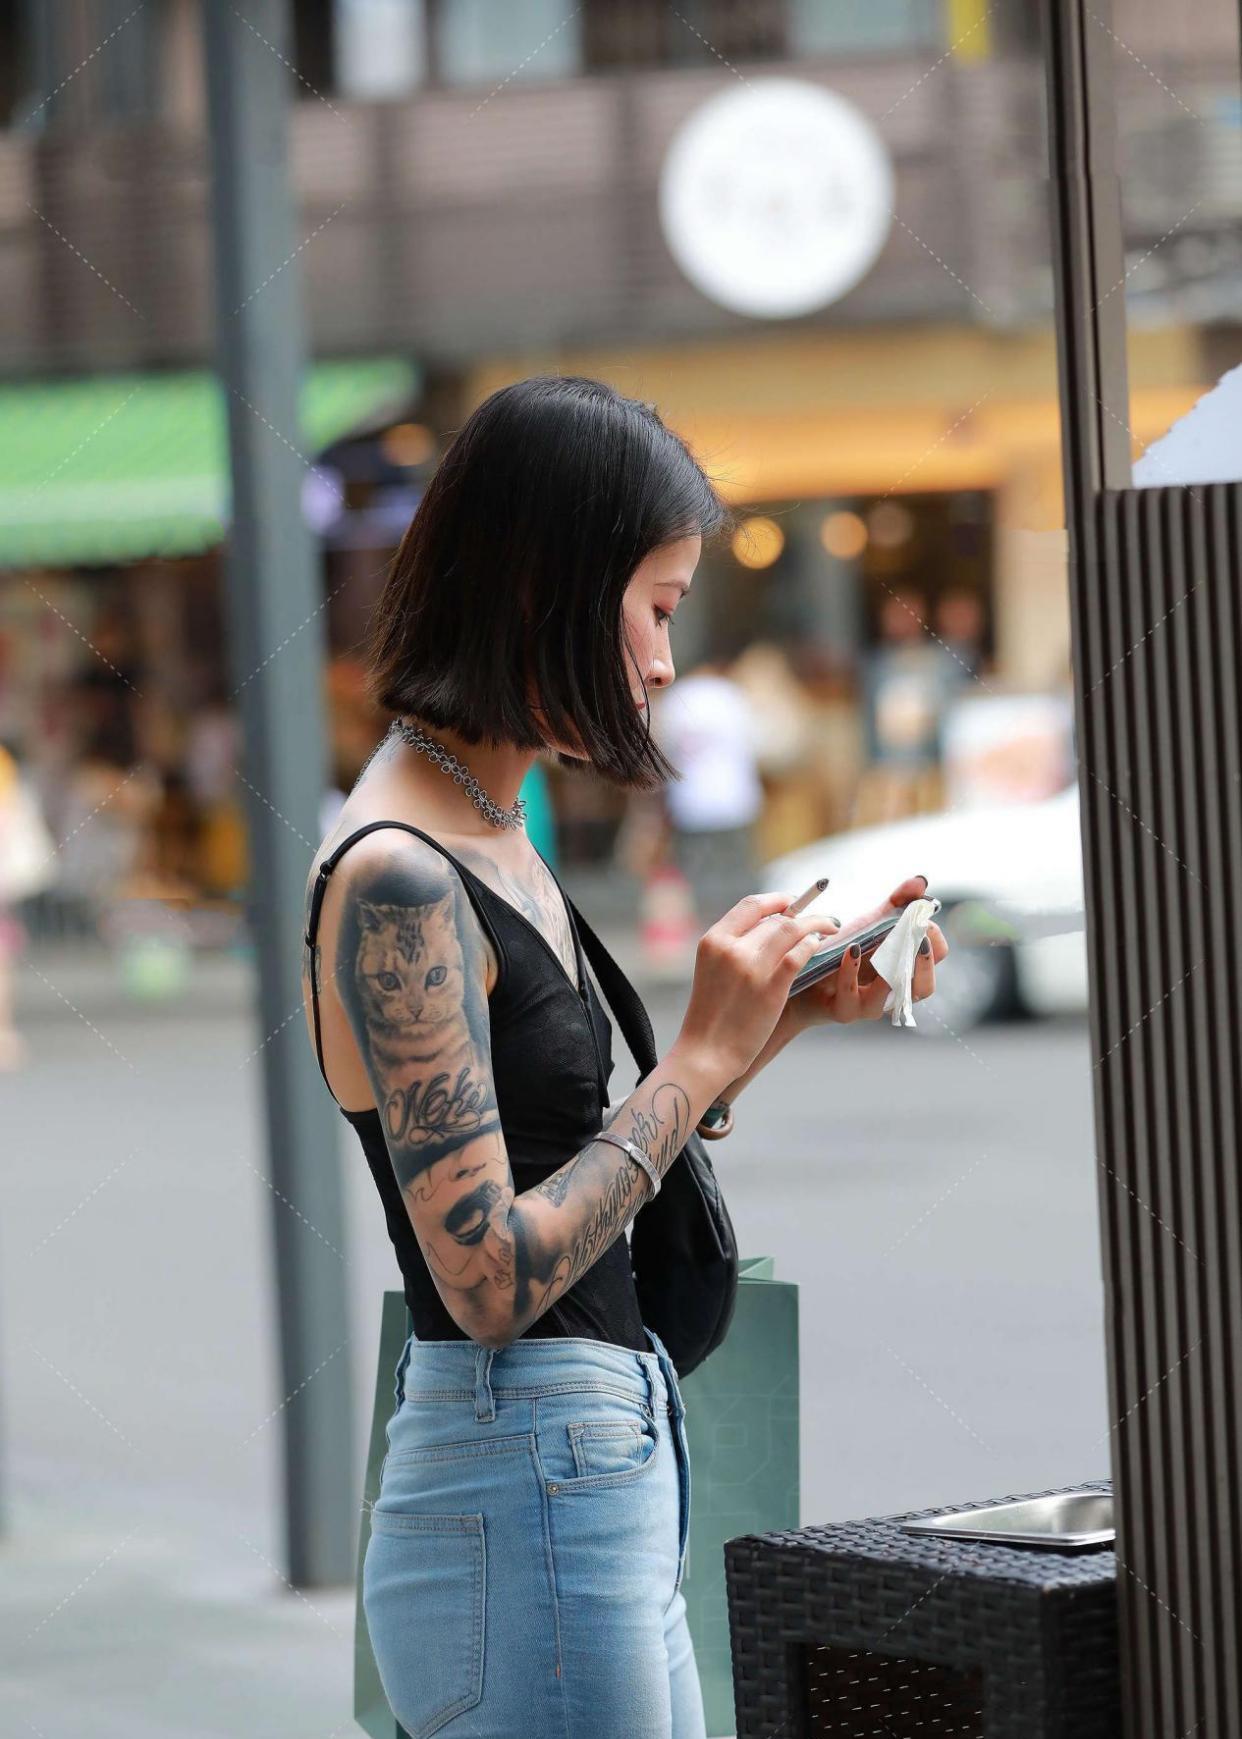 黑色无袖背心搭配浅色牛仔裤,穿出自己的风格,穿出自己的时尚